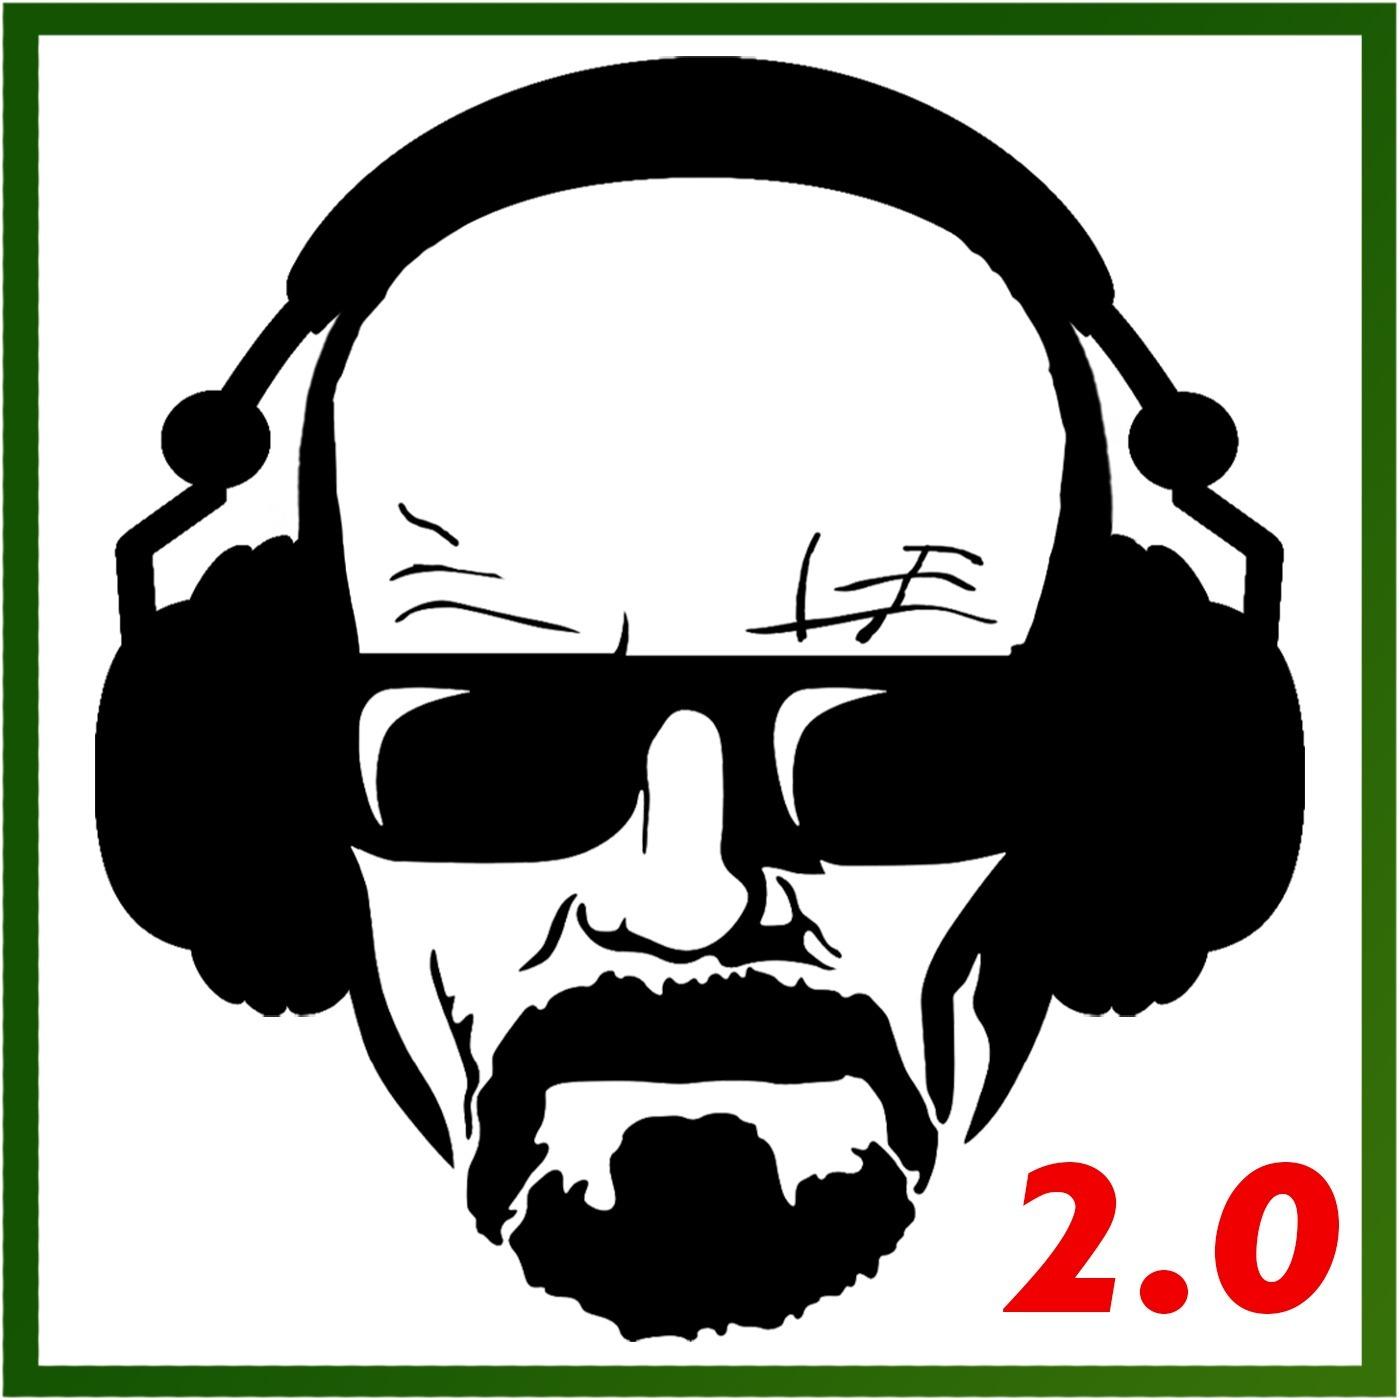 Heisenbook 2.0:Heisenbook